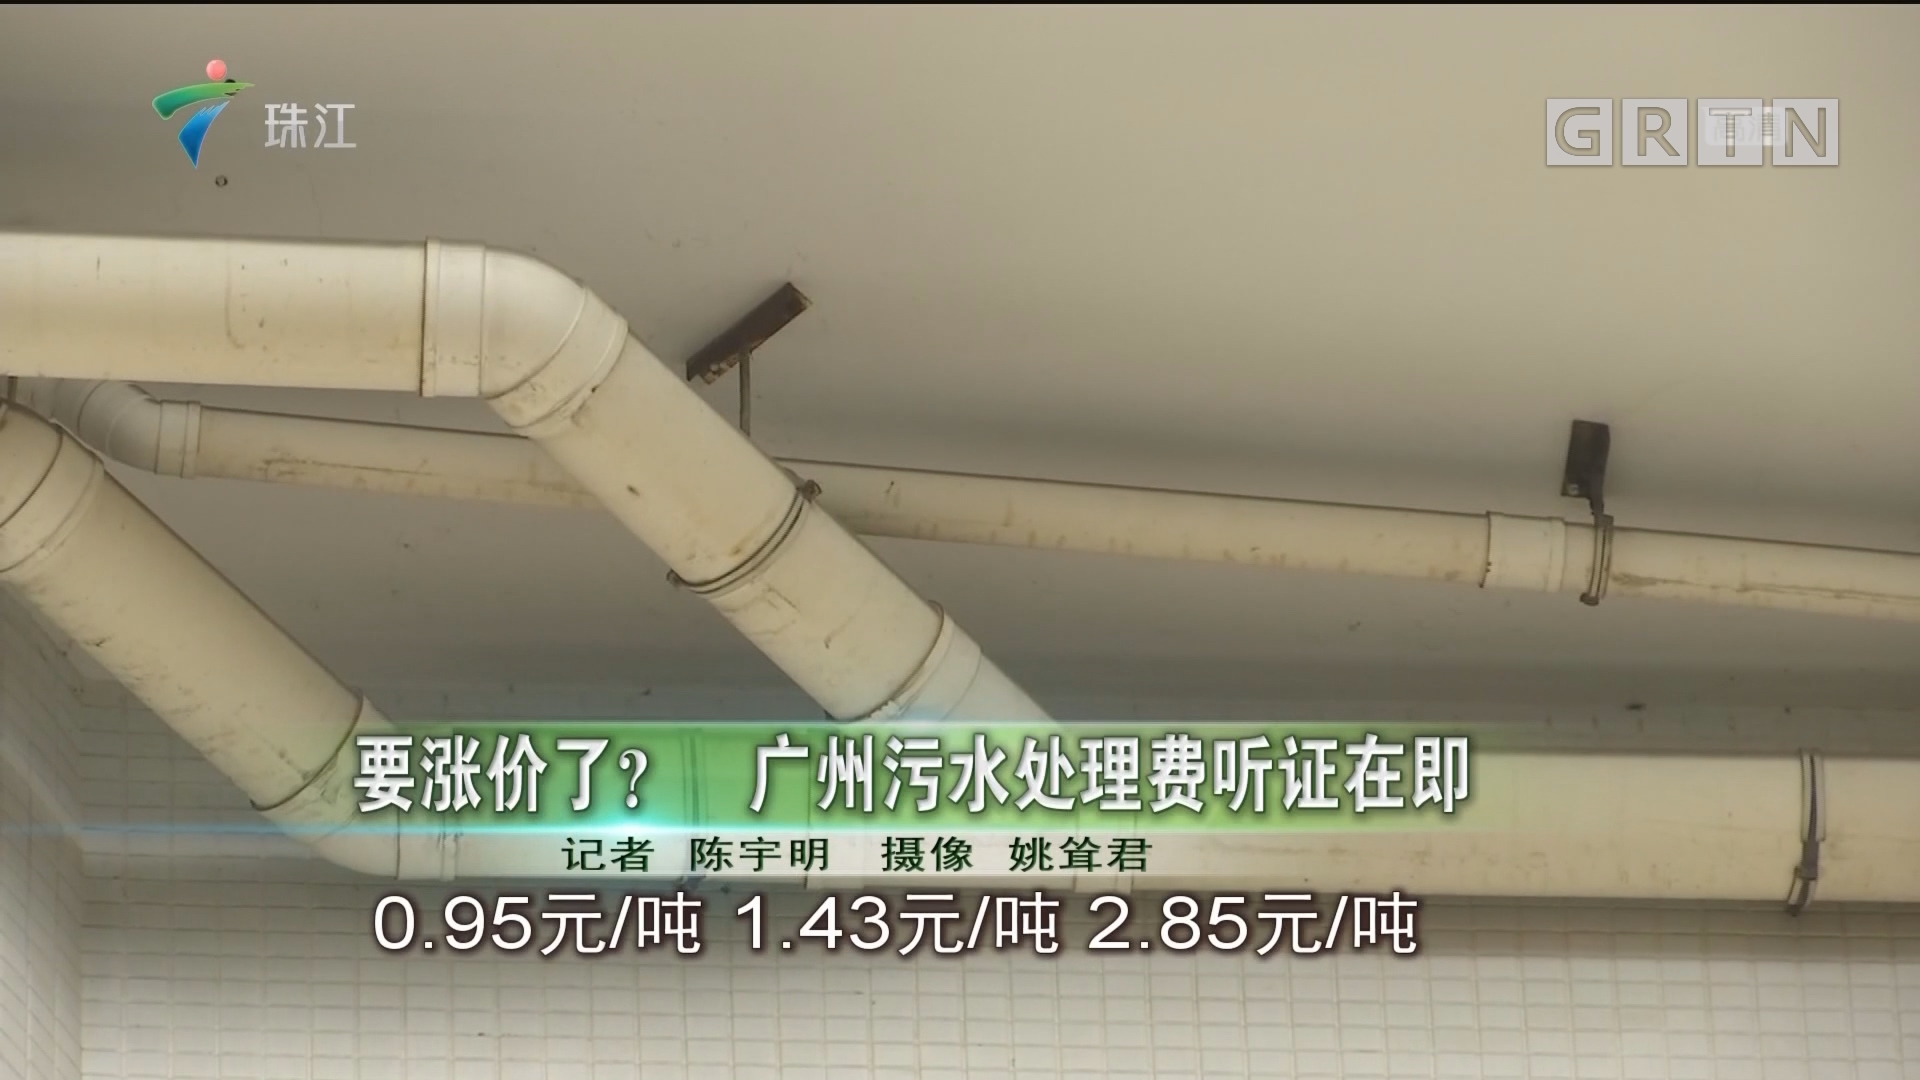 要涨价了? 广州污水处理费听证在即